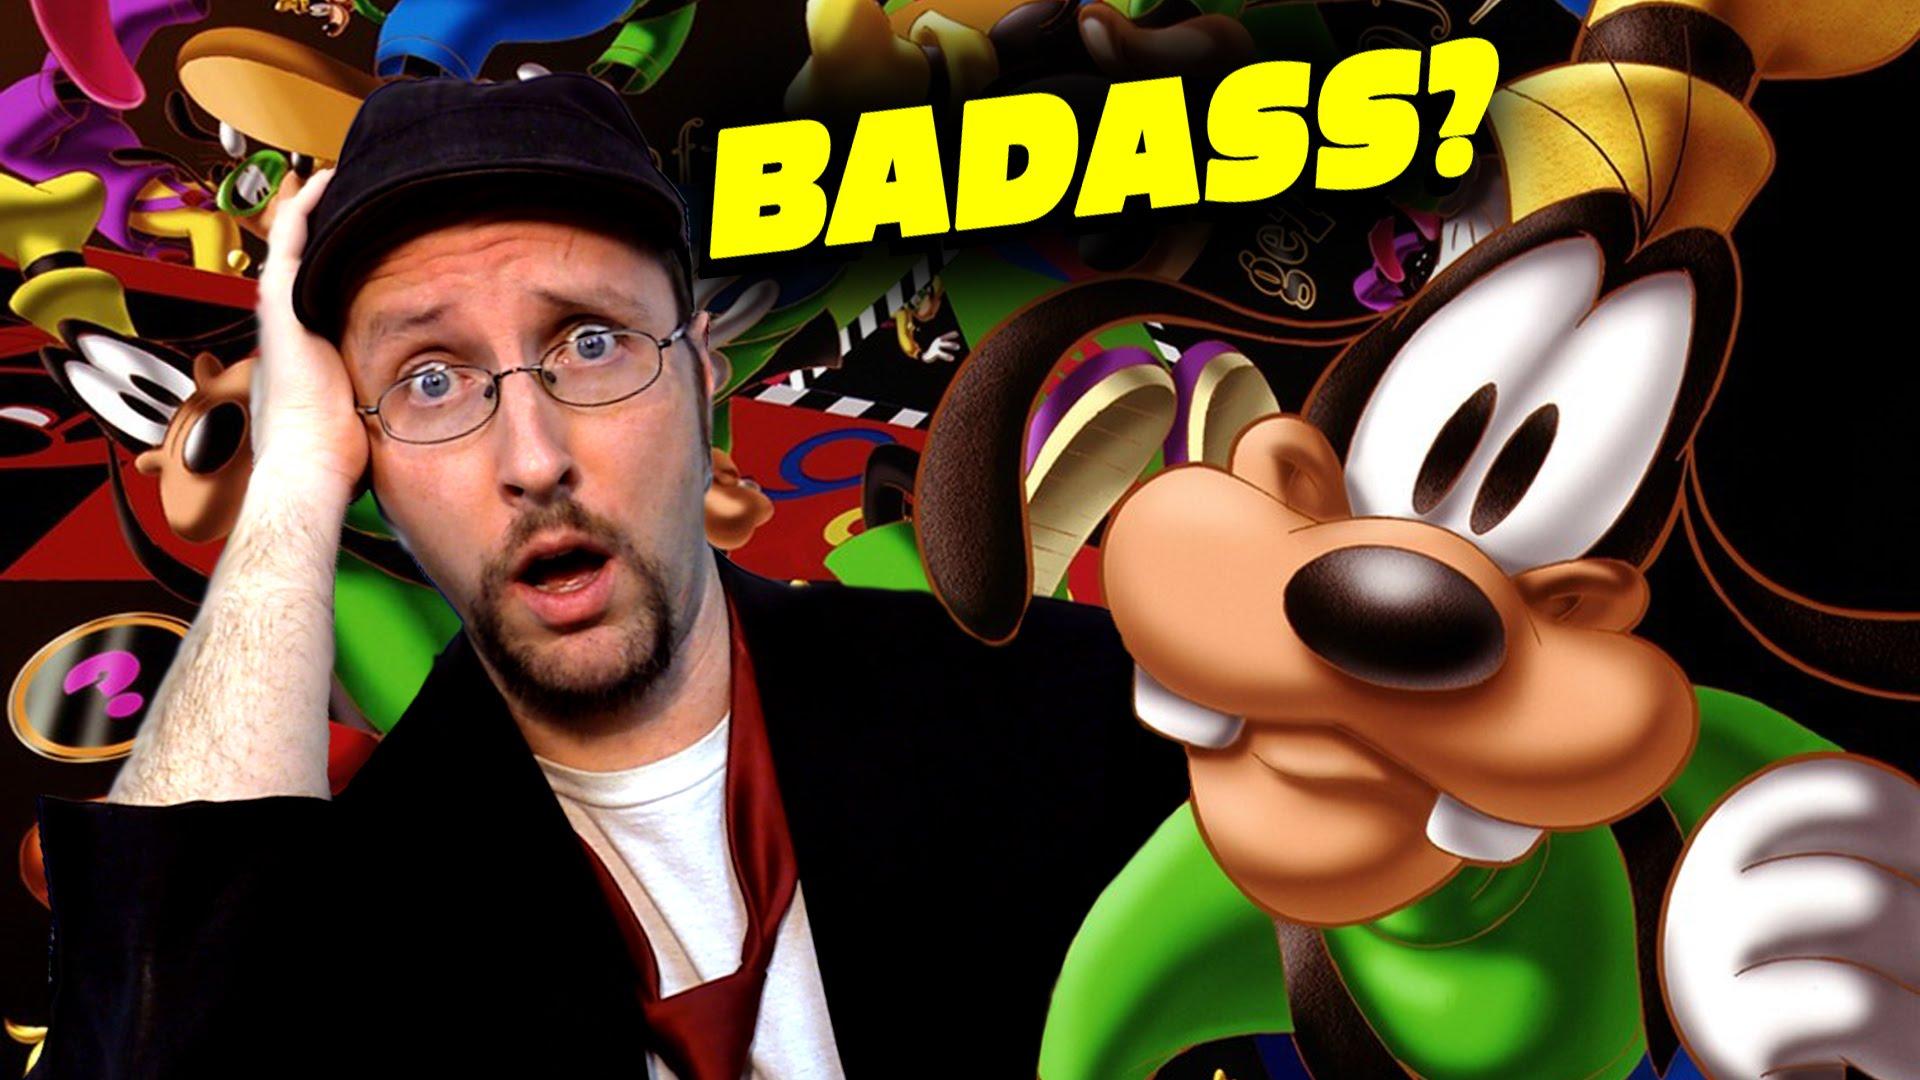 Is Goofy Secretly Badass?